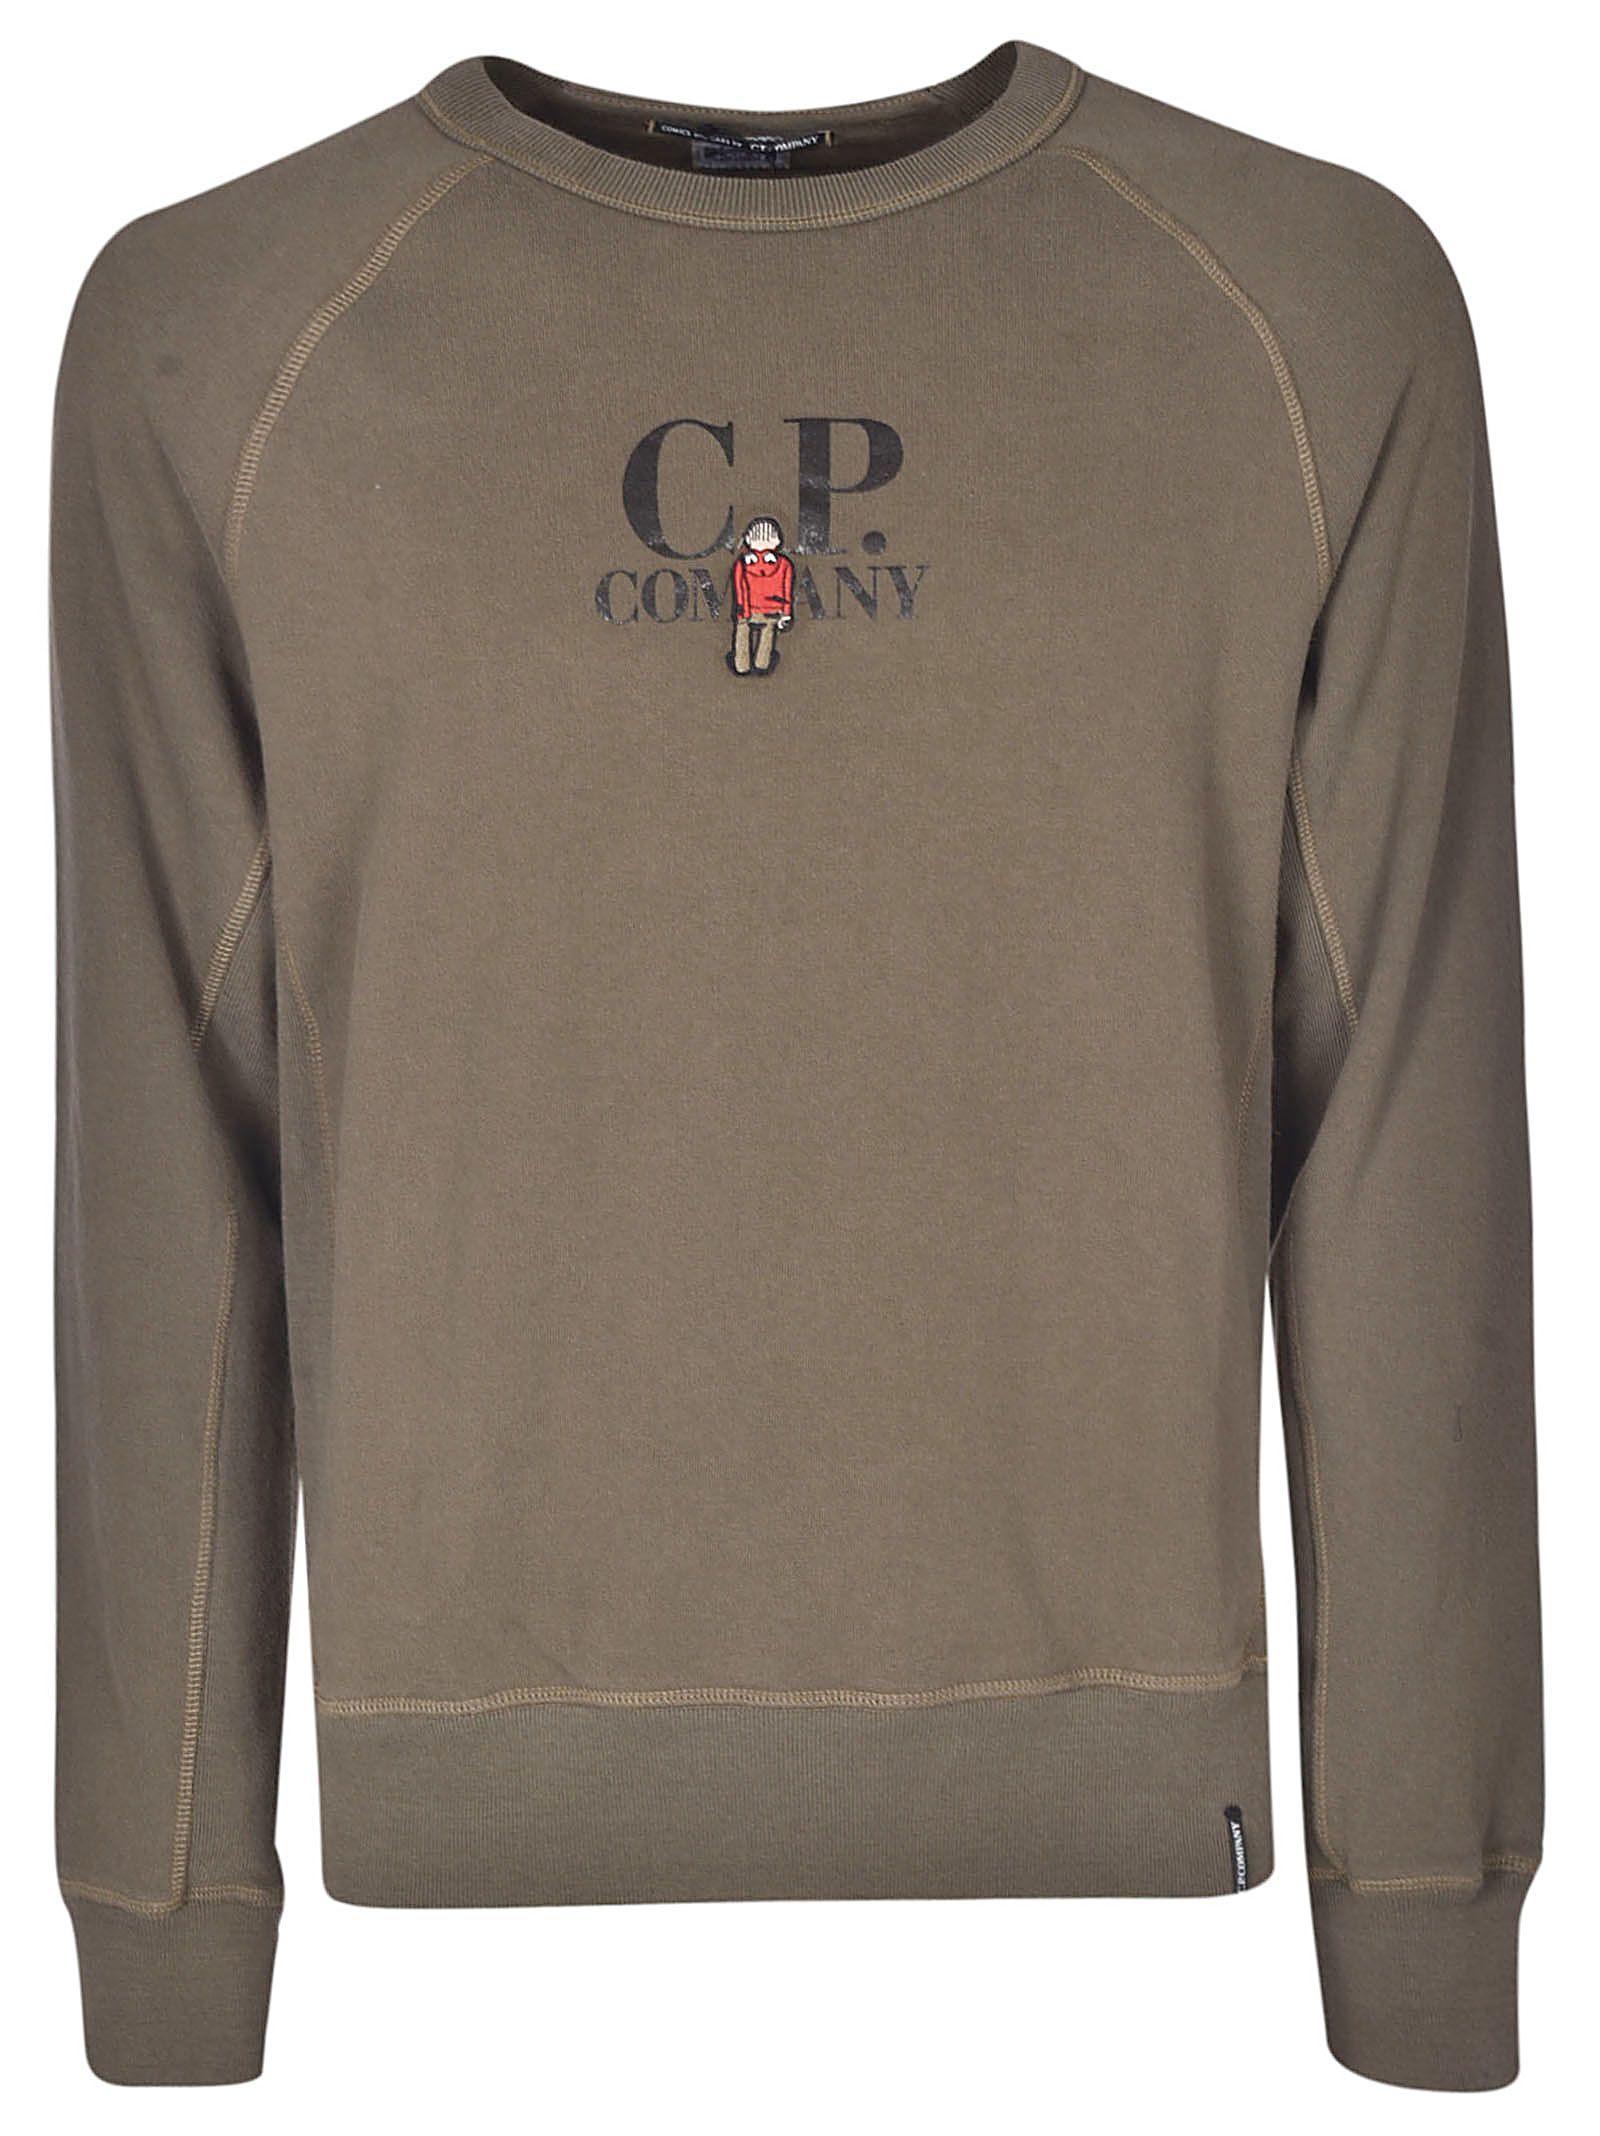 C.P. COMPANY C.P. COMPANY LOGO PRINT SWEATSHIRT.  c.p.company  cloth ... d5b9afca4787